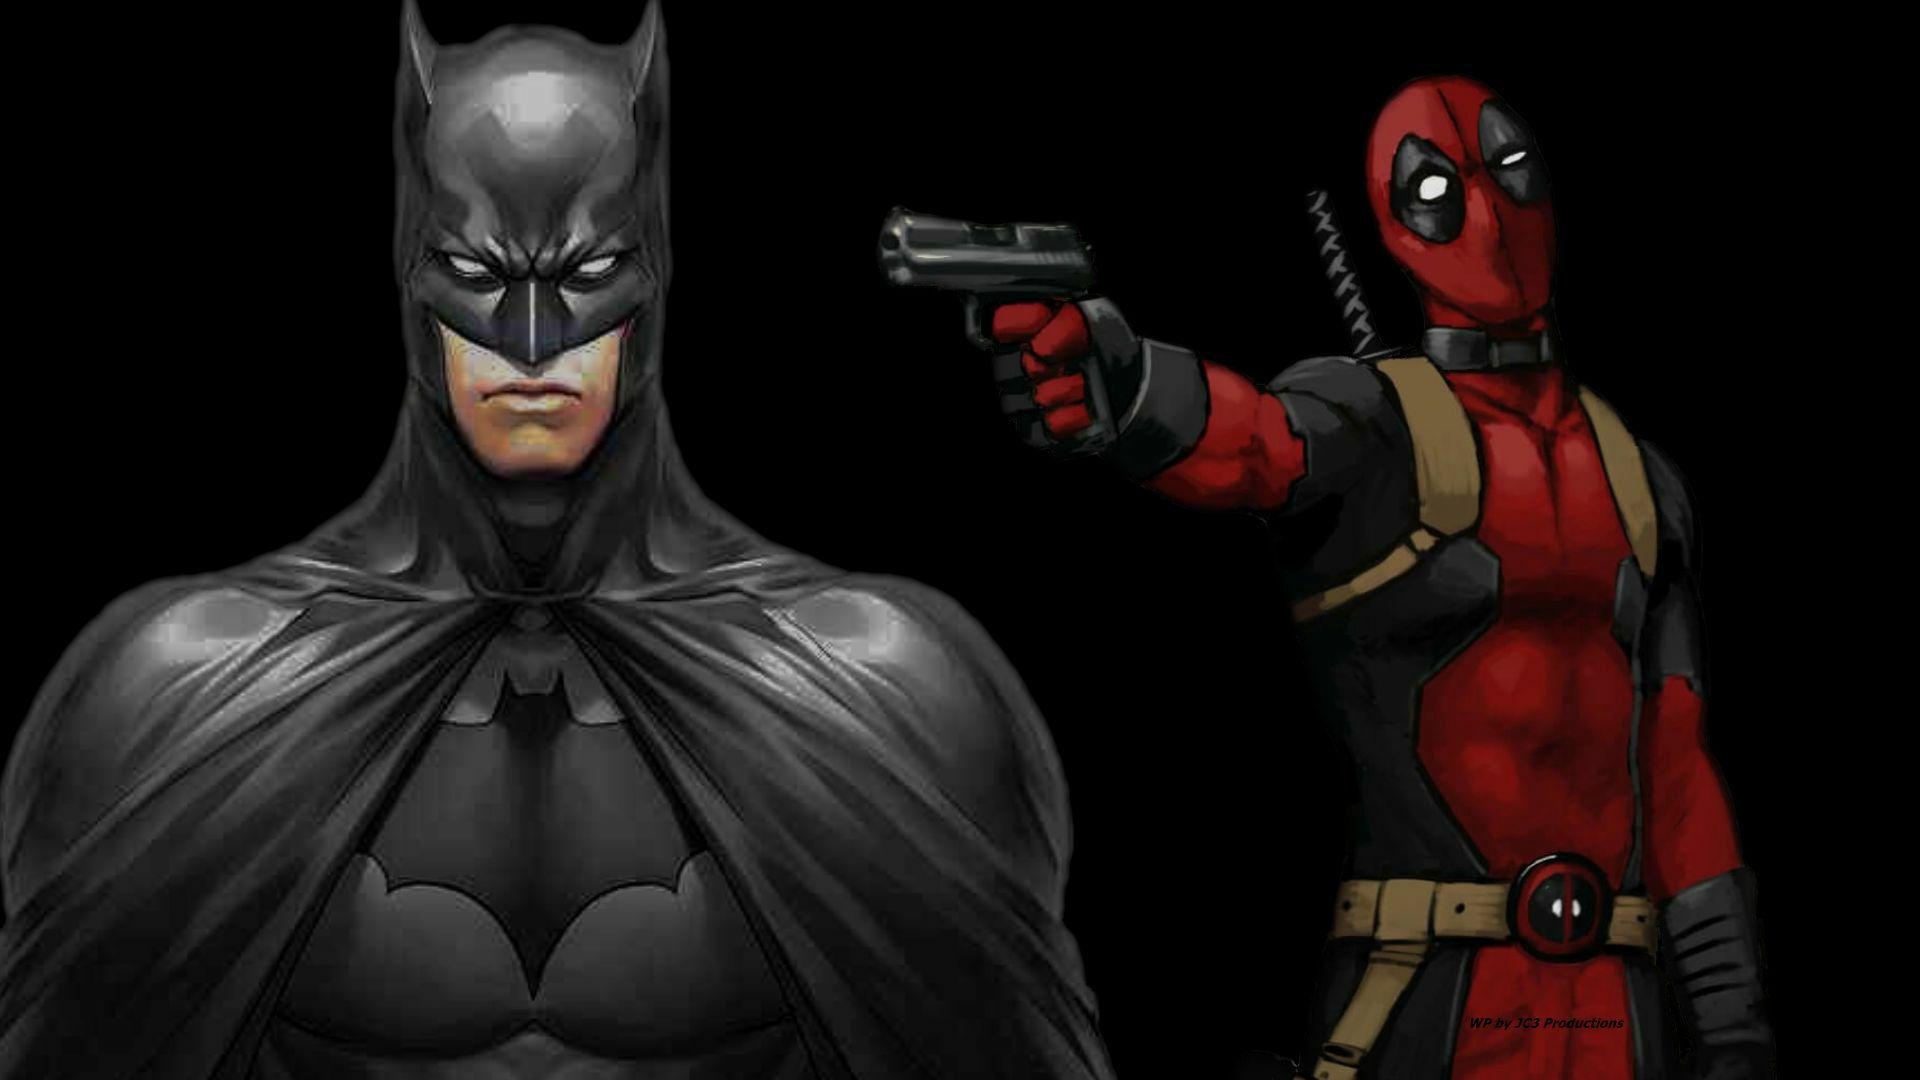 Batman Gambar Deadpool Wallpaper Batman Turns His Back Hd Wallpaper